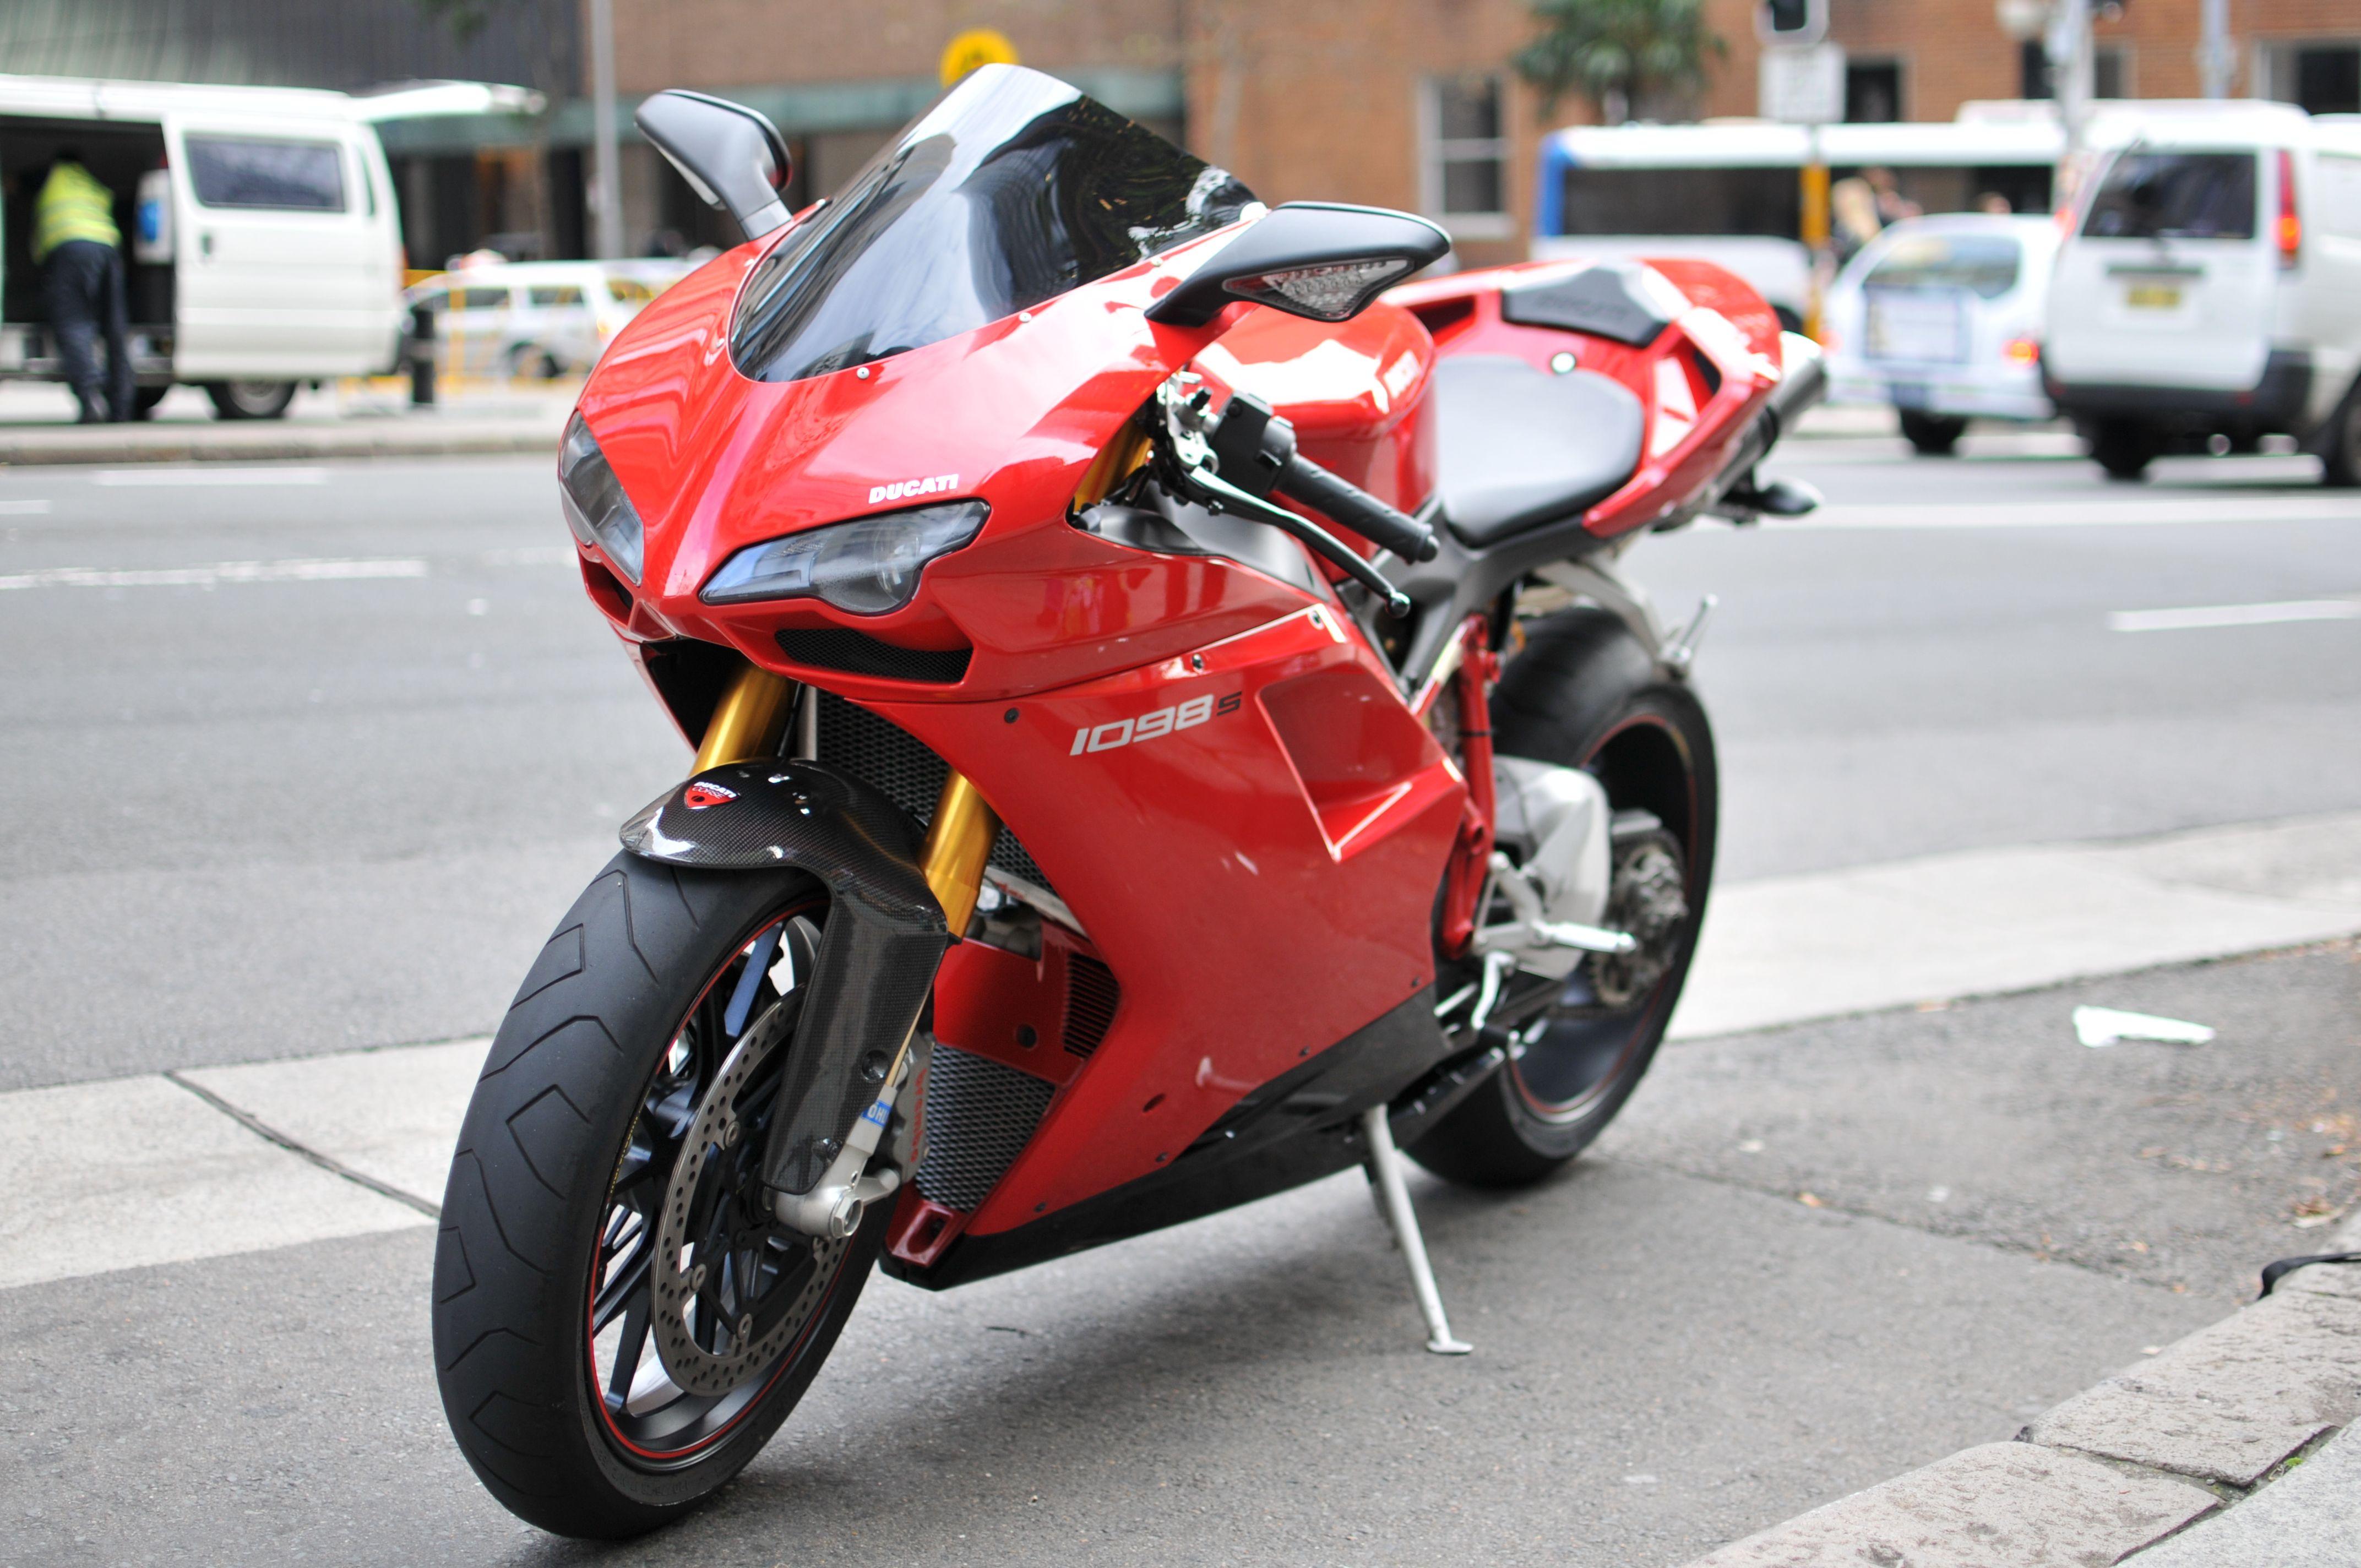 Ducati - Google Search | moto | Pinterest | Ducati, Ducati 1098s and